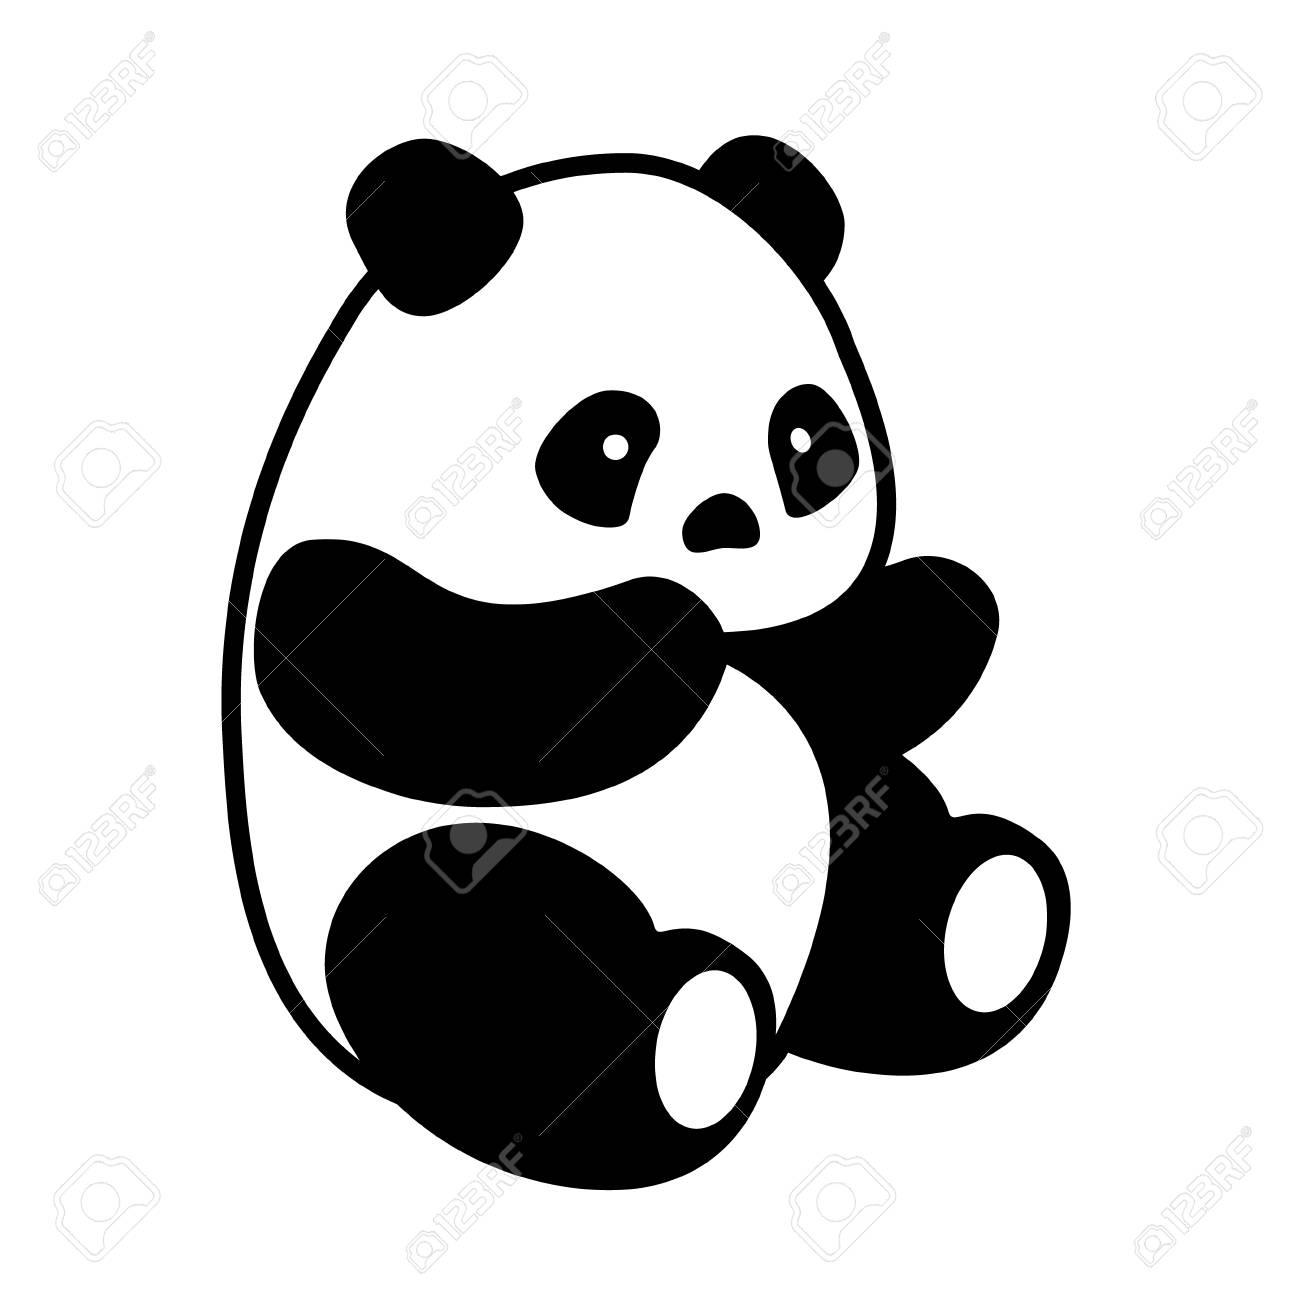 ベクトル イラストかわいい漫画アジア パンダ パンダ赤ちゃんどうぶつ